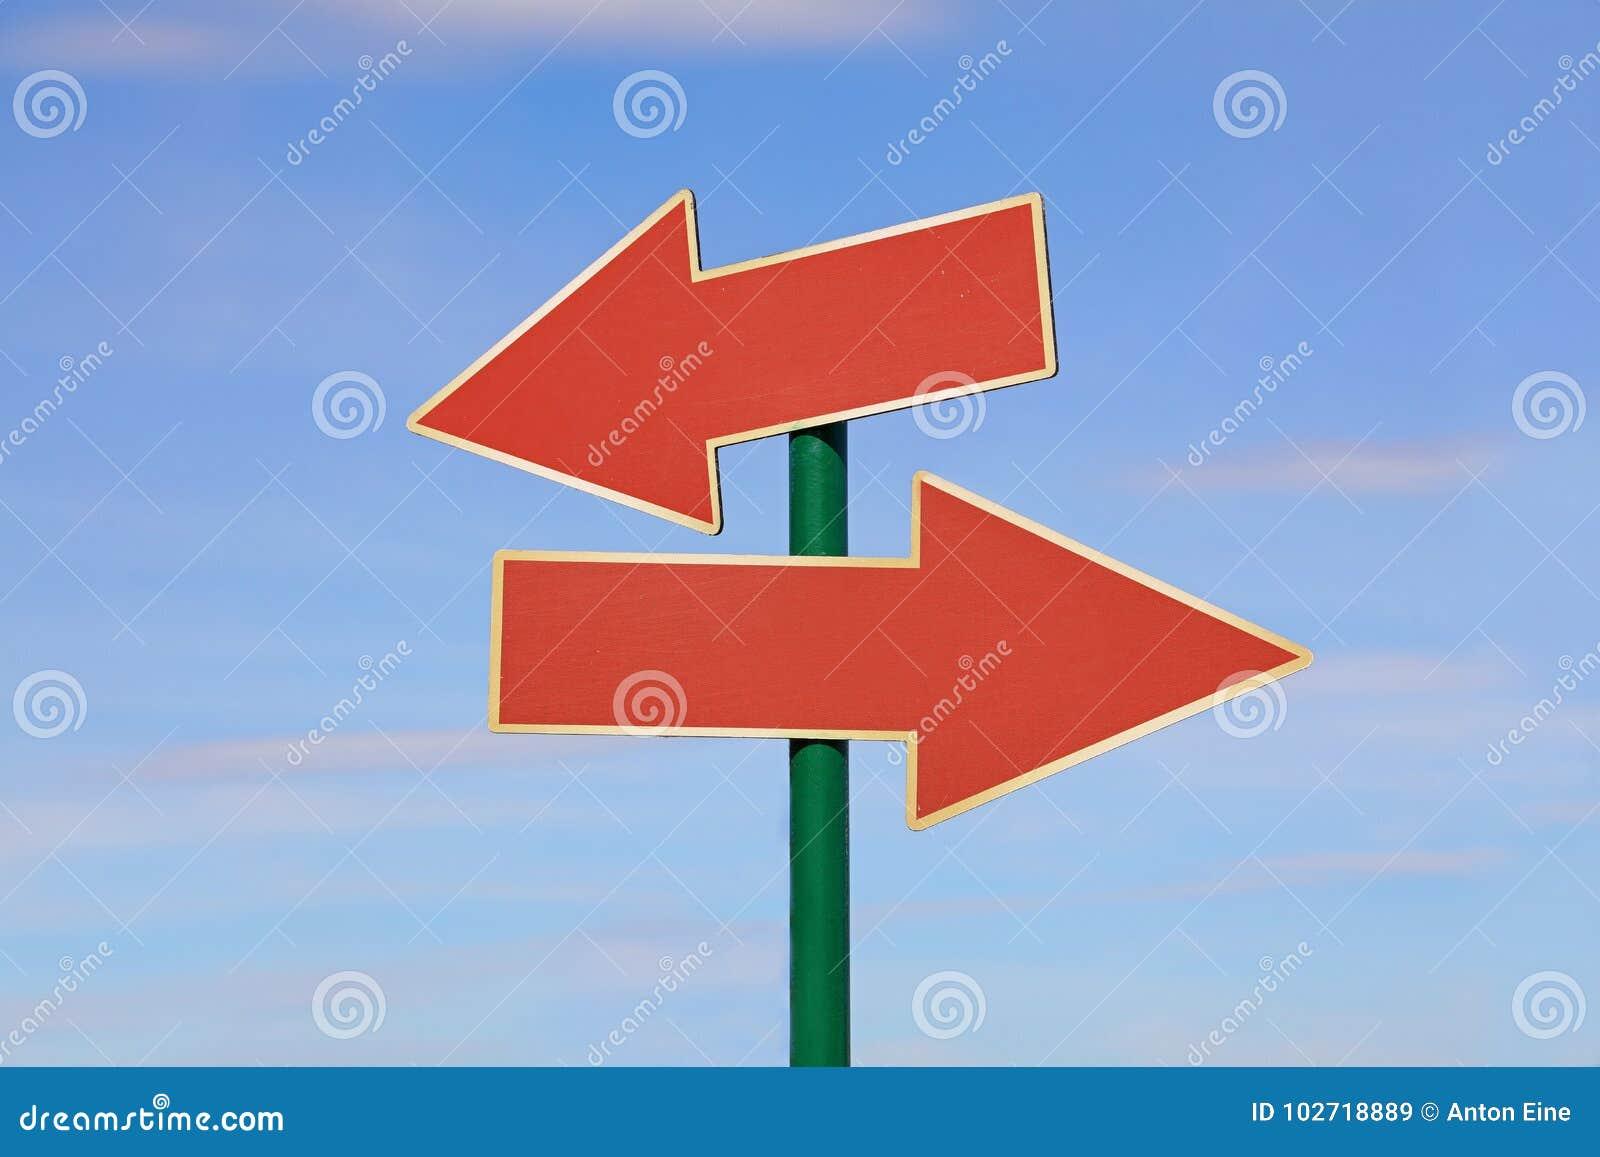 Дорожный знак с 2 красными стрелками над голубым небом